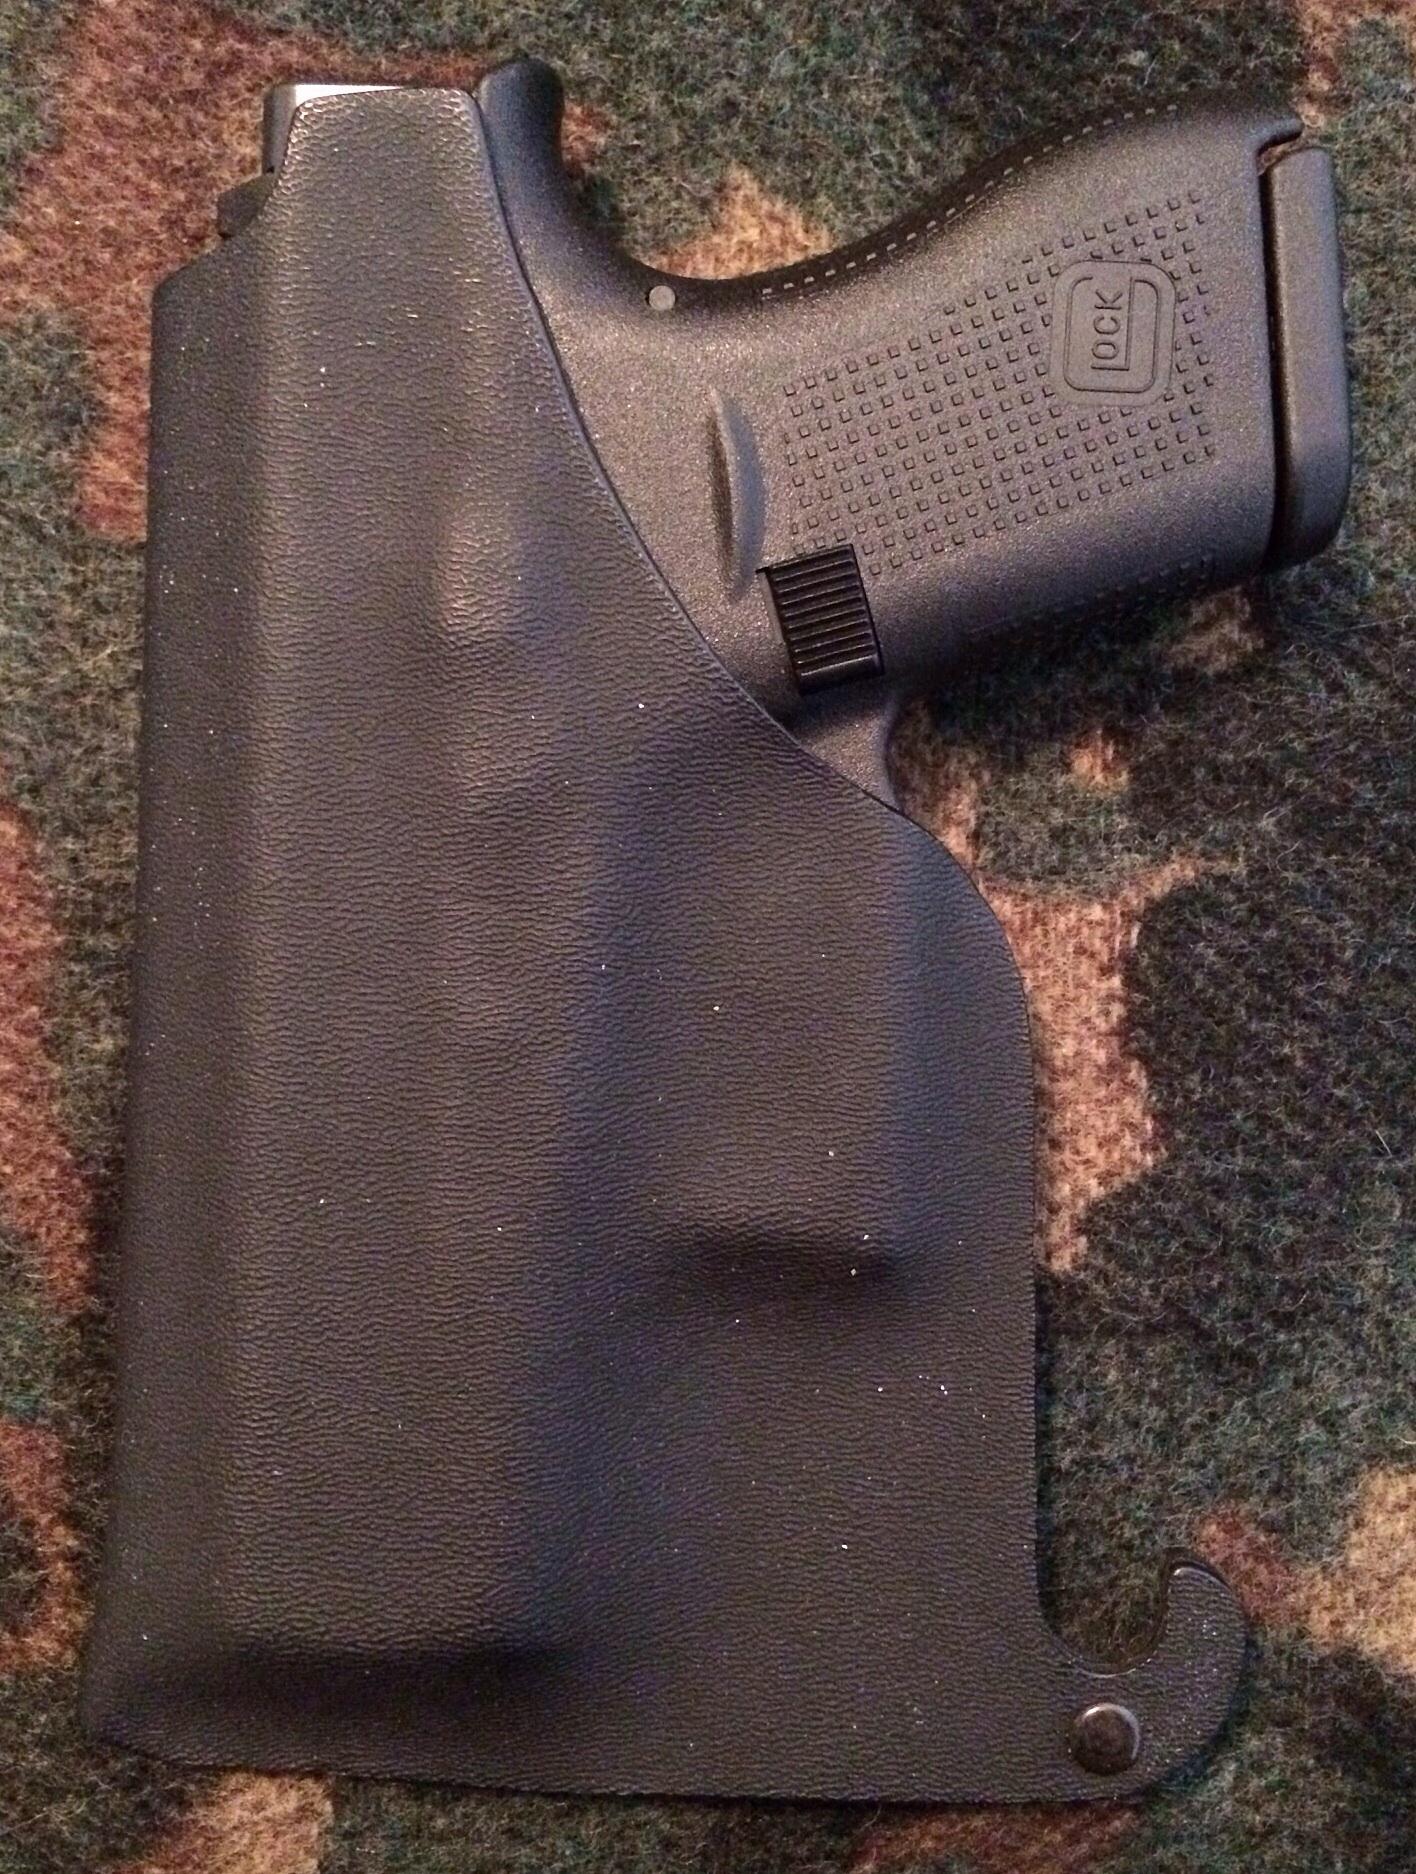 New Glock 42 holster-image.jpg